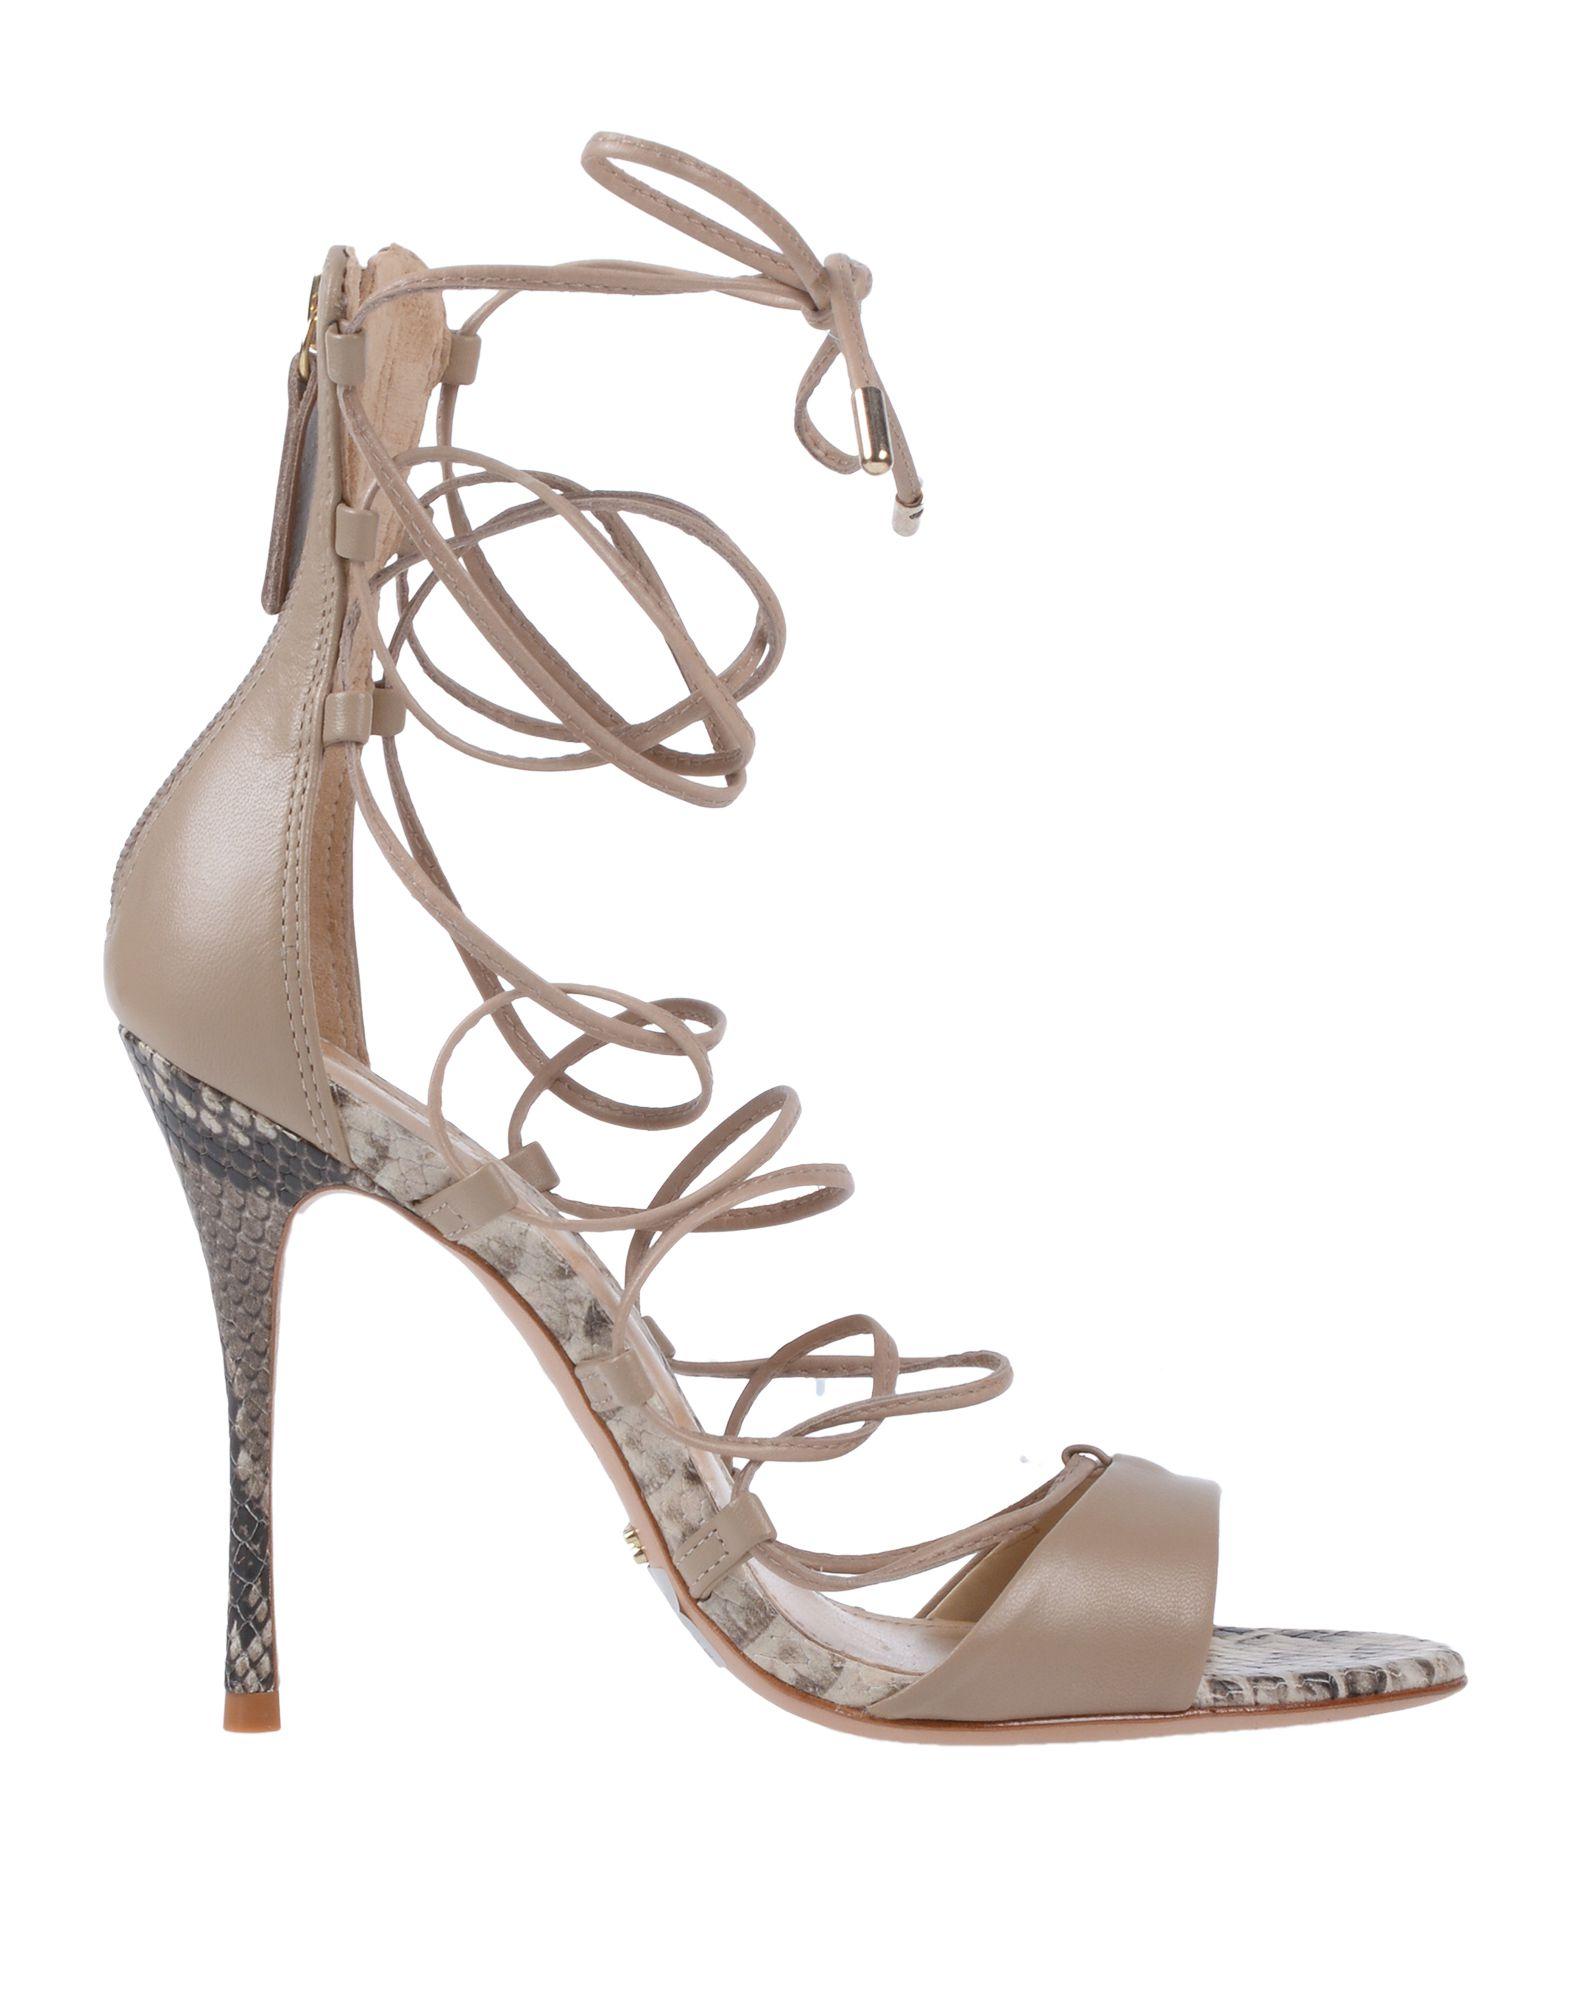 Schutz Sandals - on Women Schutz Sandals online on -  United Kingdom - 11440432AG d0f201